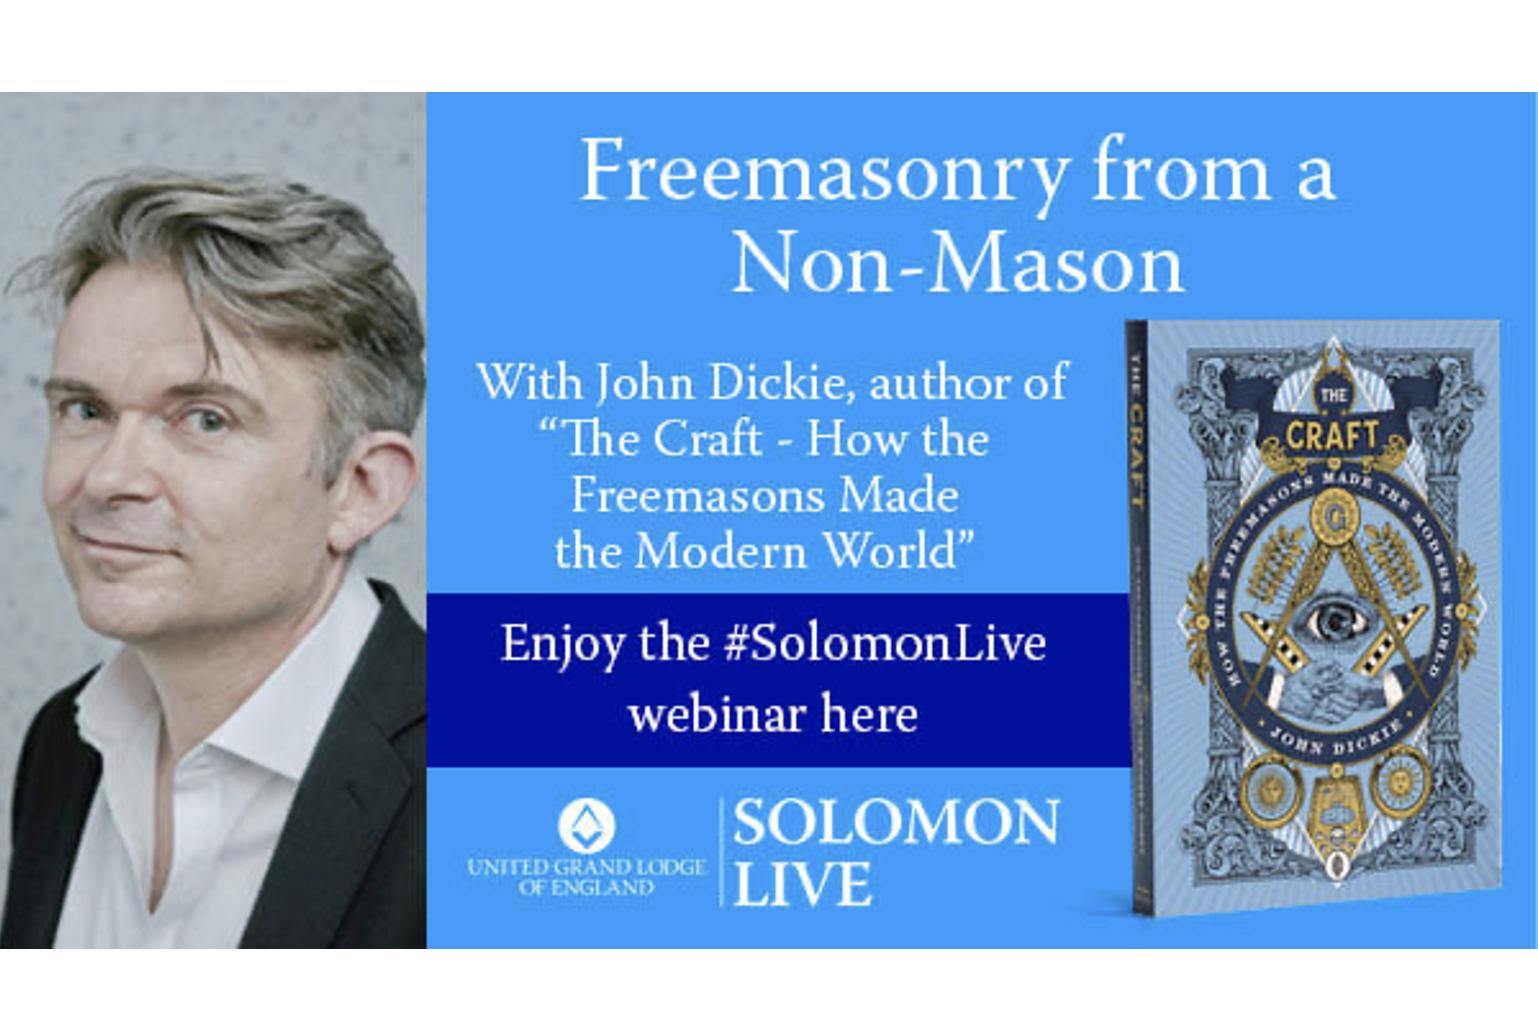 Freemasonry from a Non-Mason